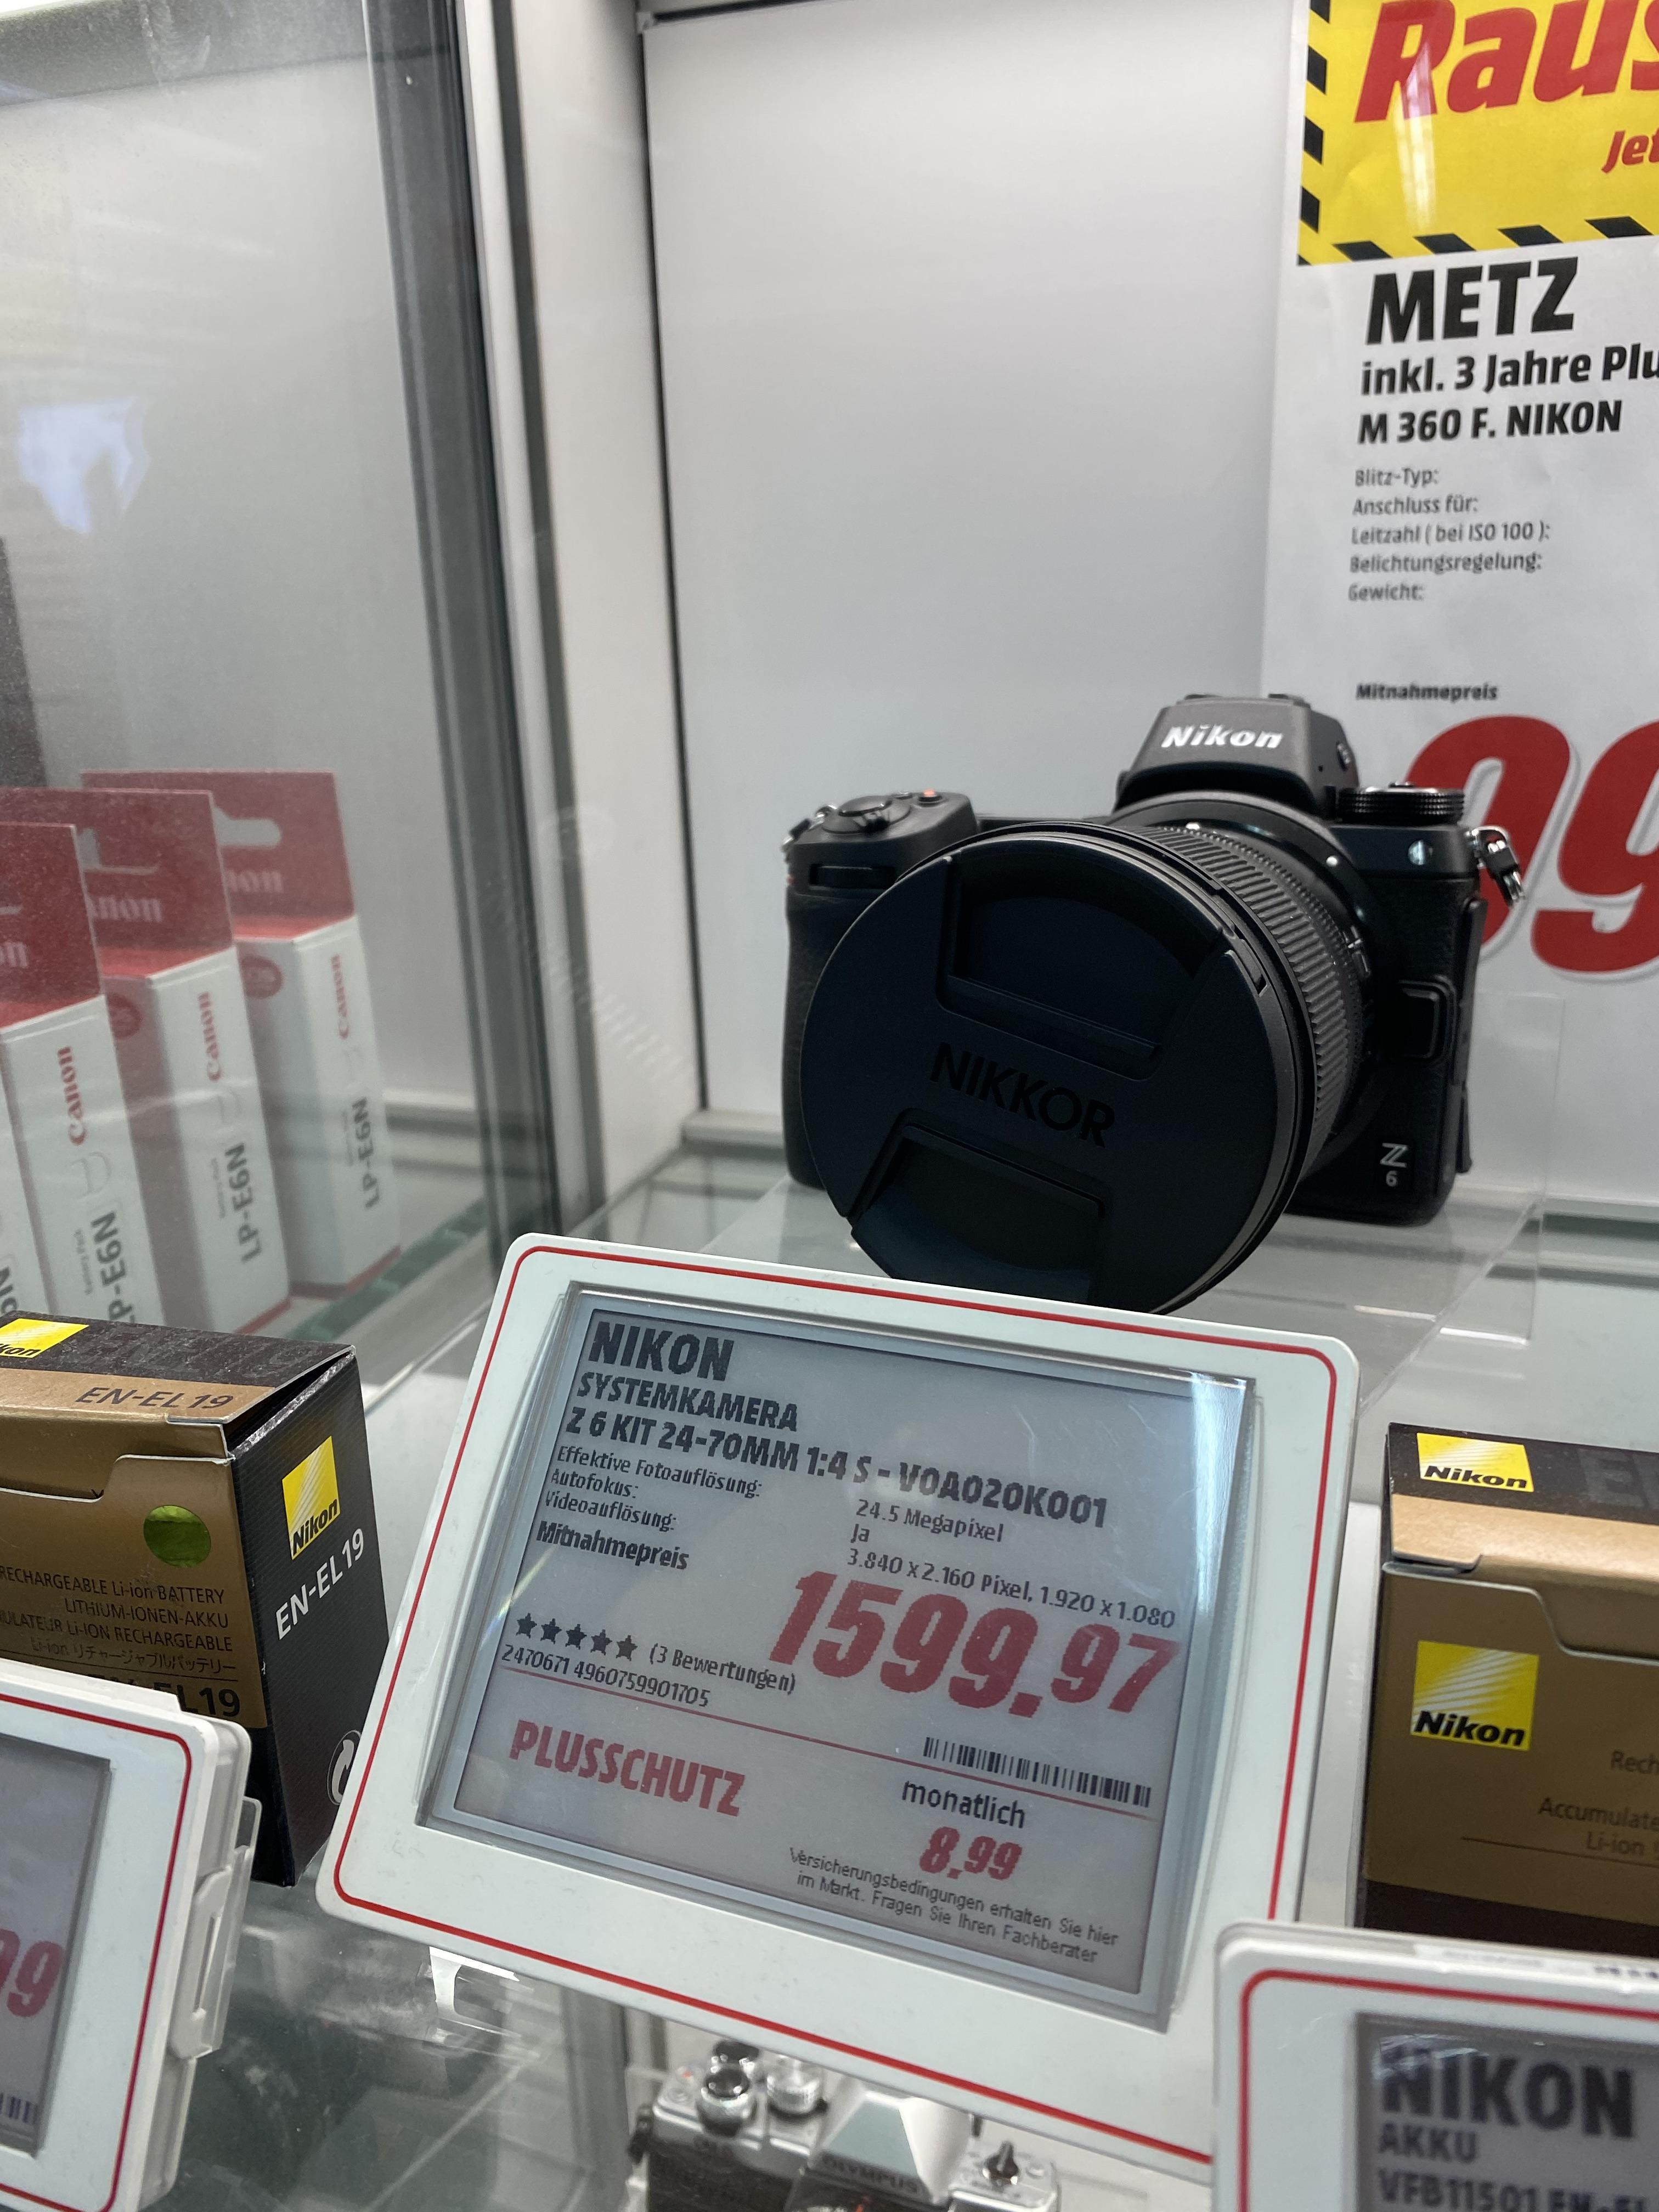 [Lokal Media Markt Bonn Friedensplatz] Nikon Z6 + Nikkor Z 24-70mm f/4,0 S - 1599,97€